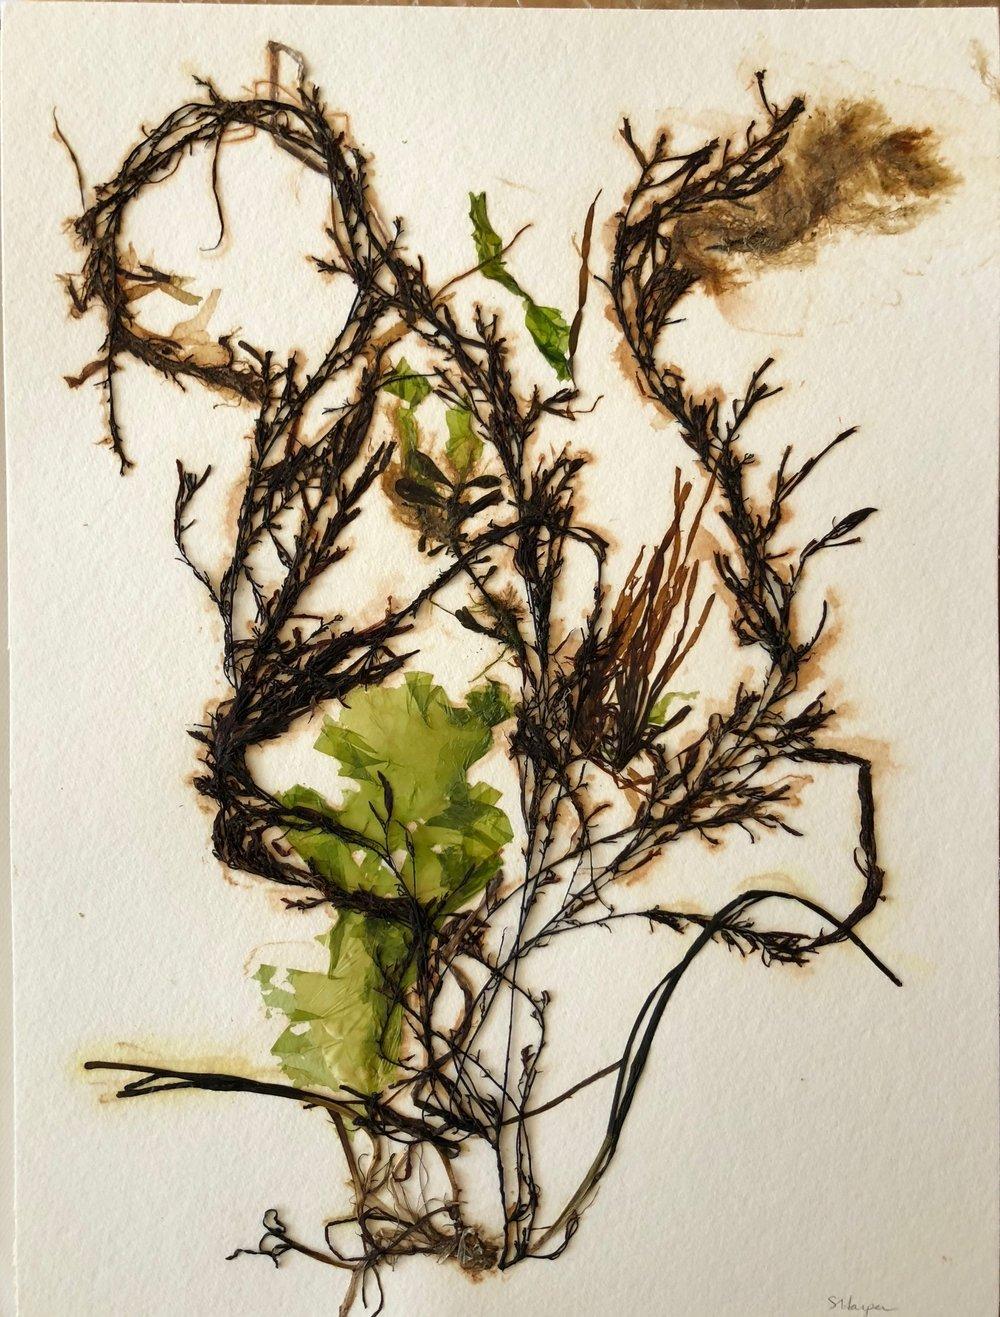 Seaweed 8/13, 11x14